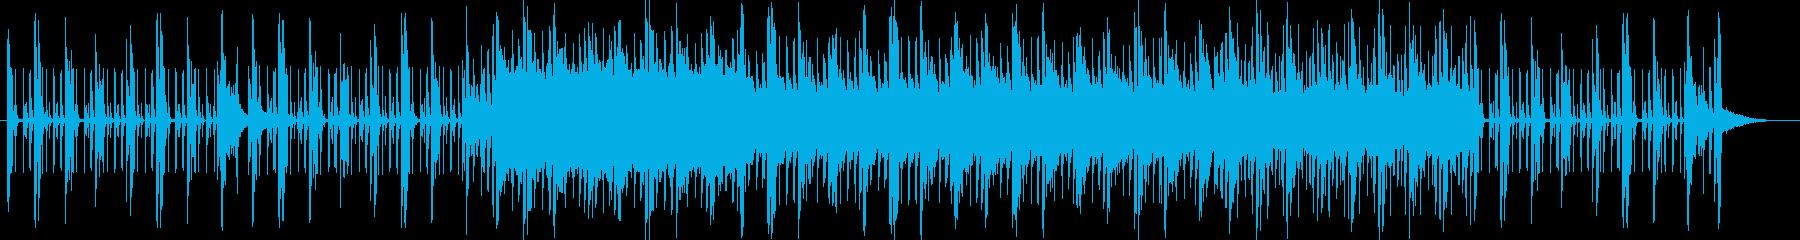 オシャレな雰囲気のリズミカルな曲の再生済みの波形